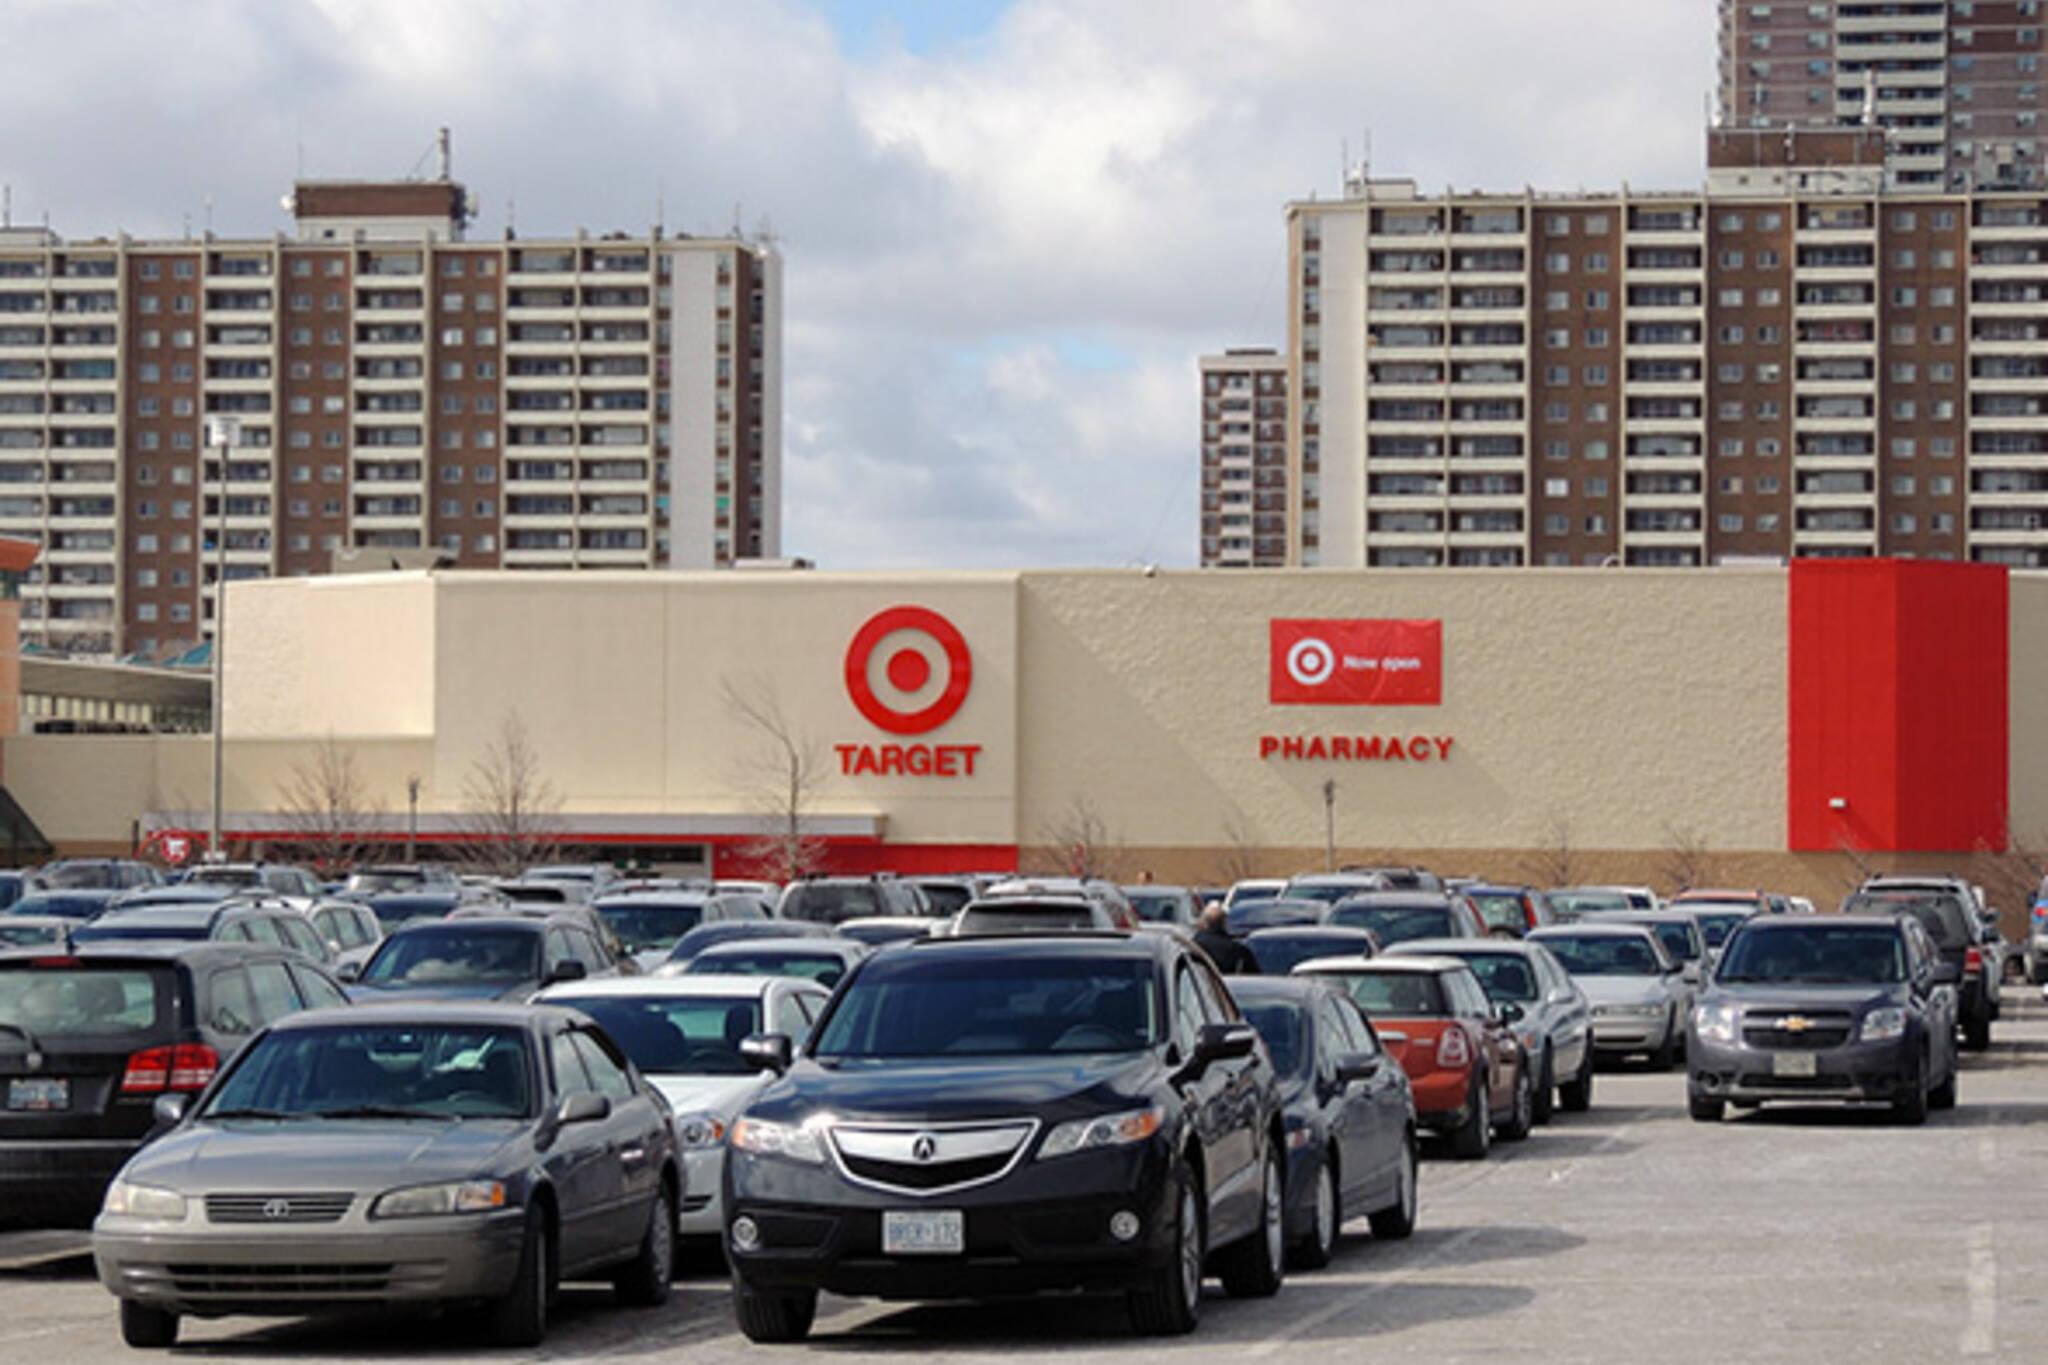 Target store Toronto